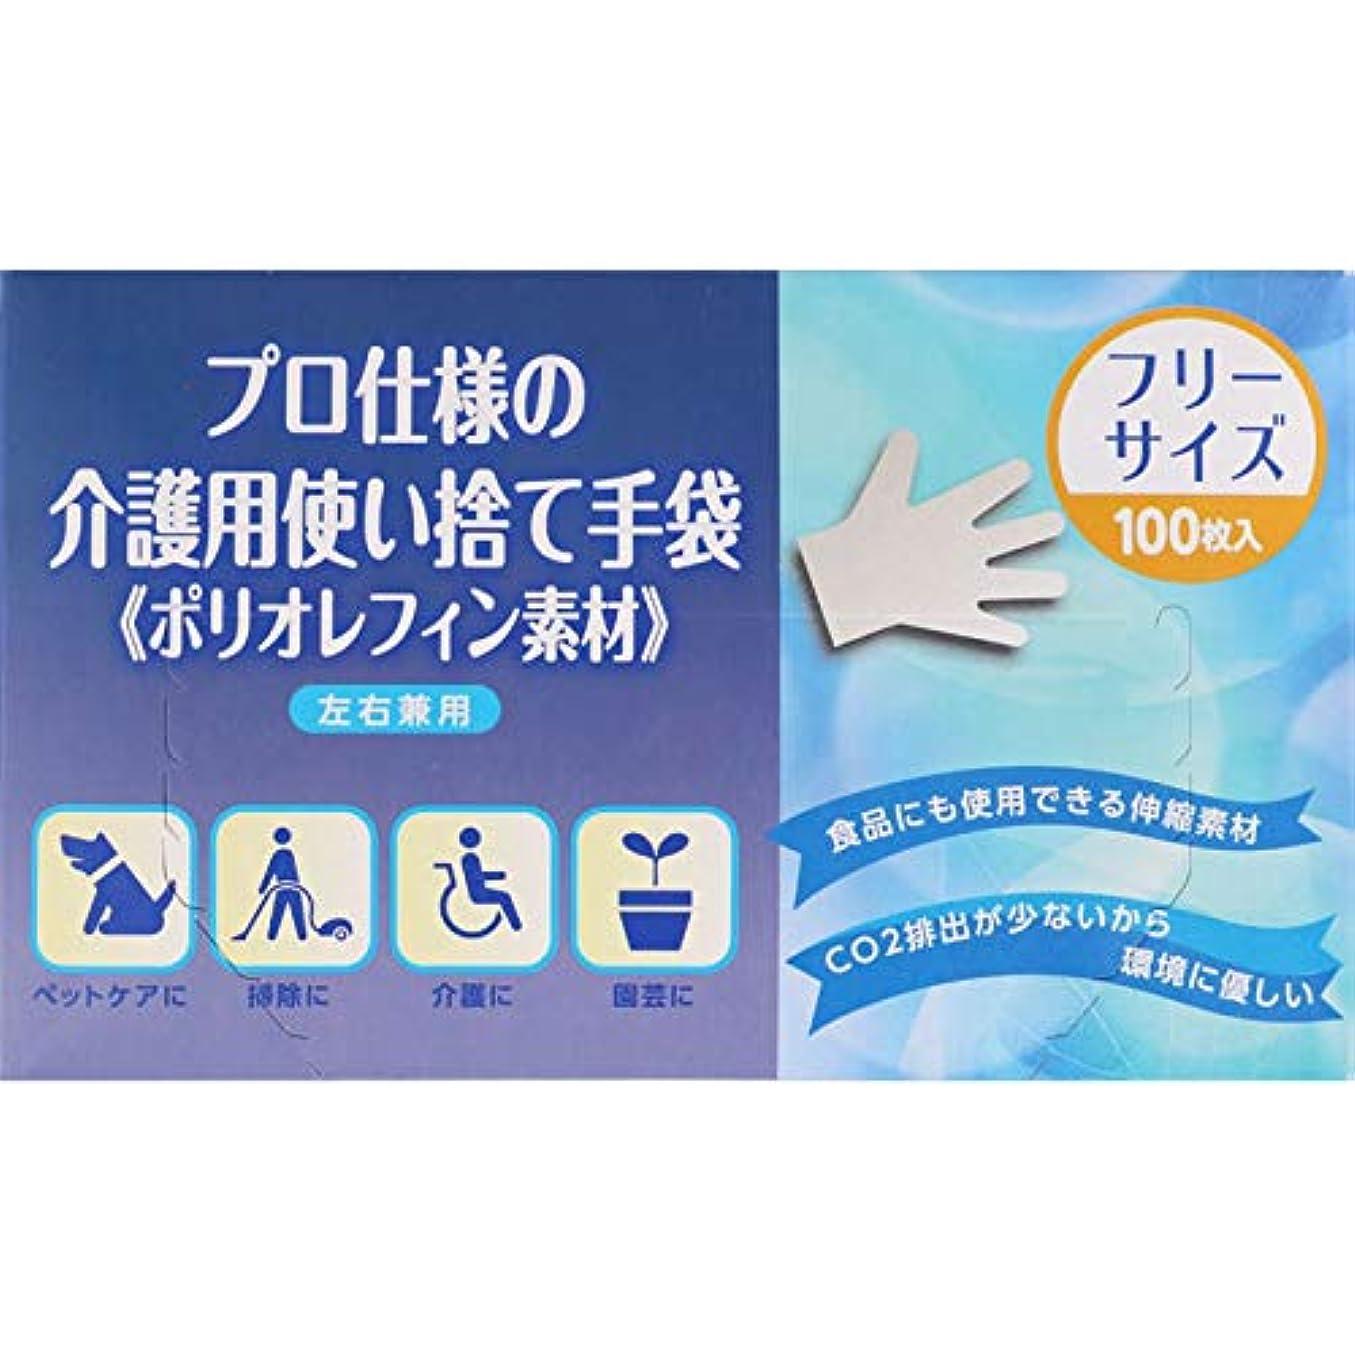 確立貪欲中毒【10個セット】プロ仕様の介護用使い捨て手袋《ポリオレフィン素材》 100枚